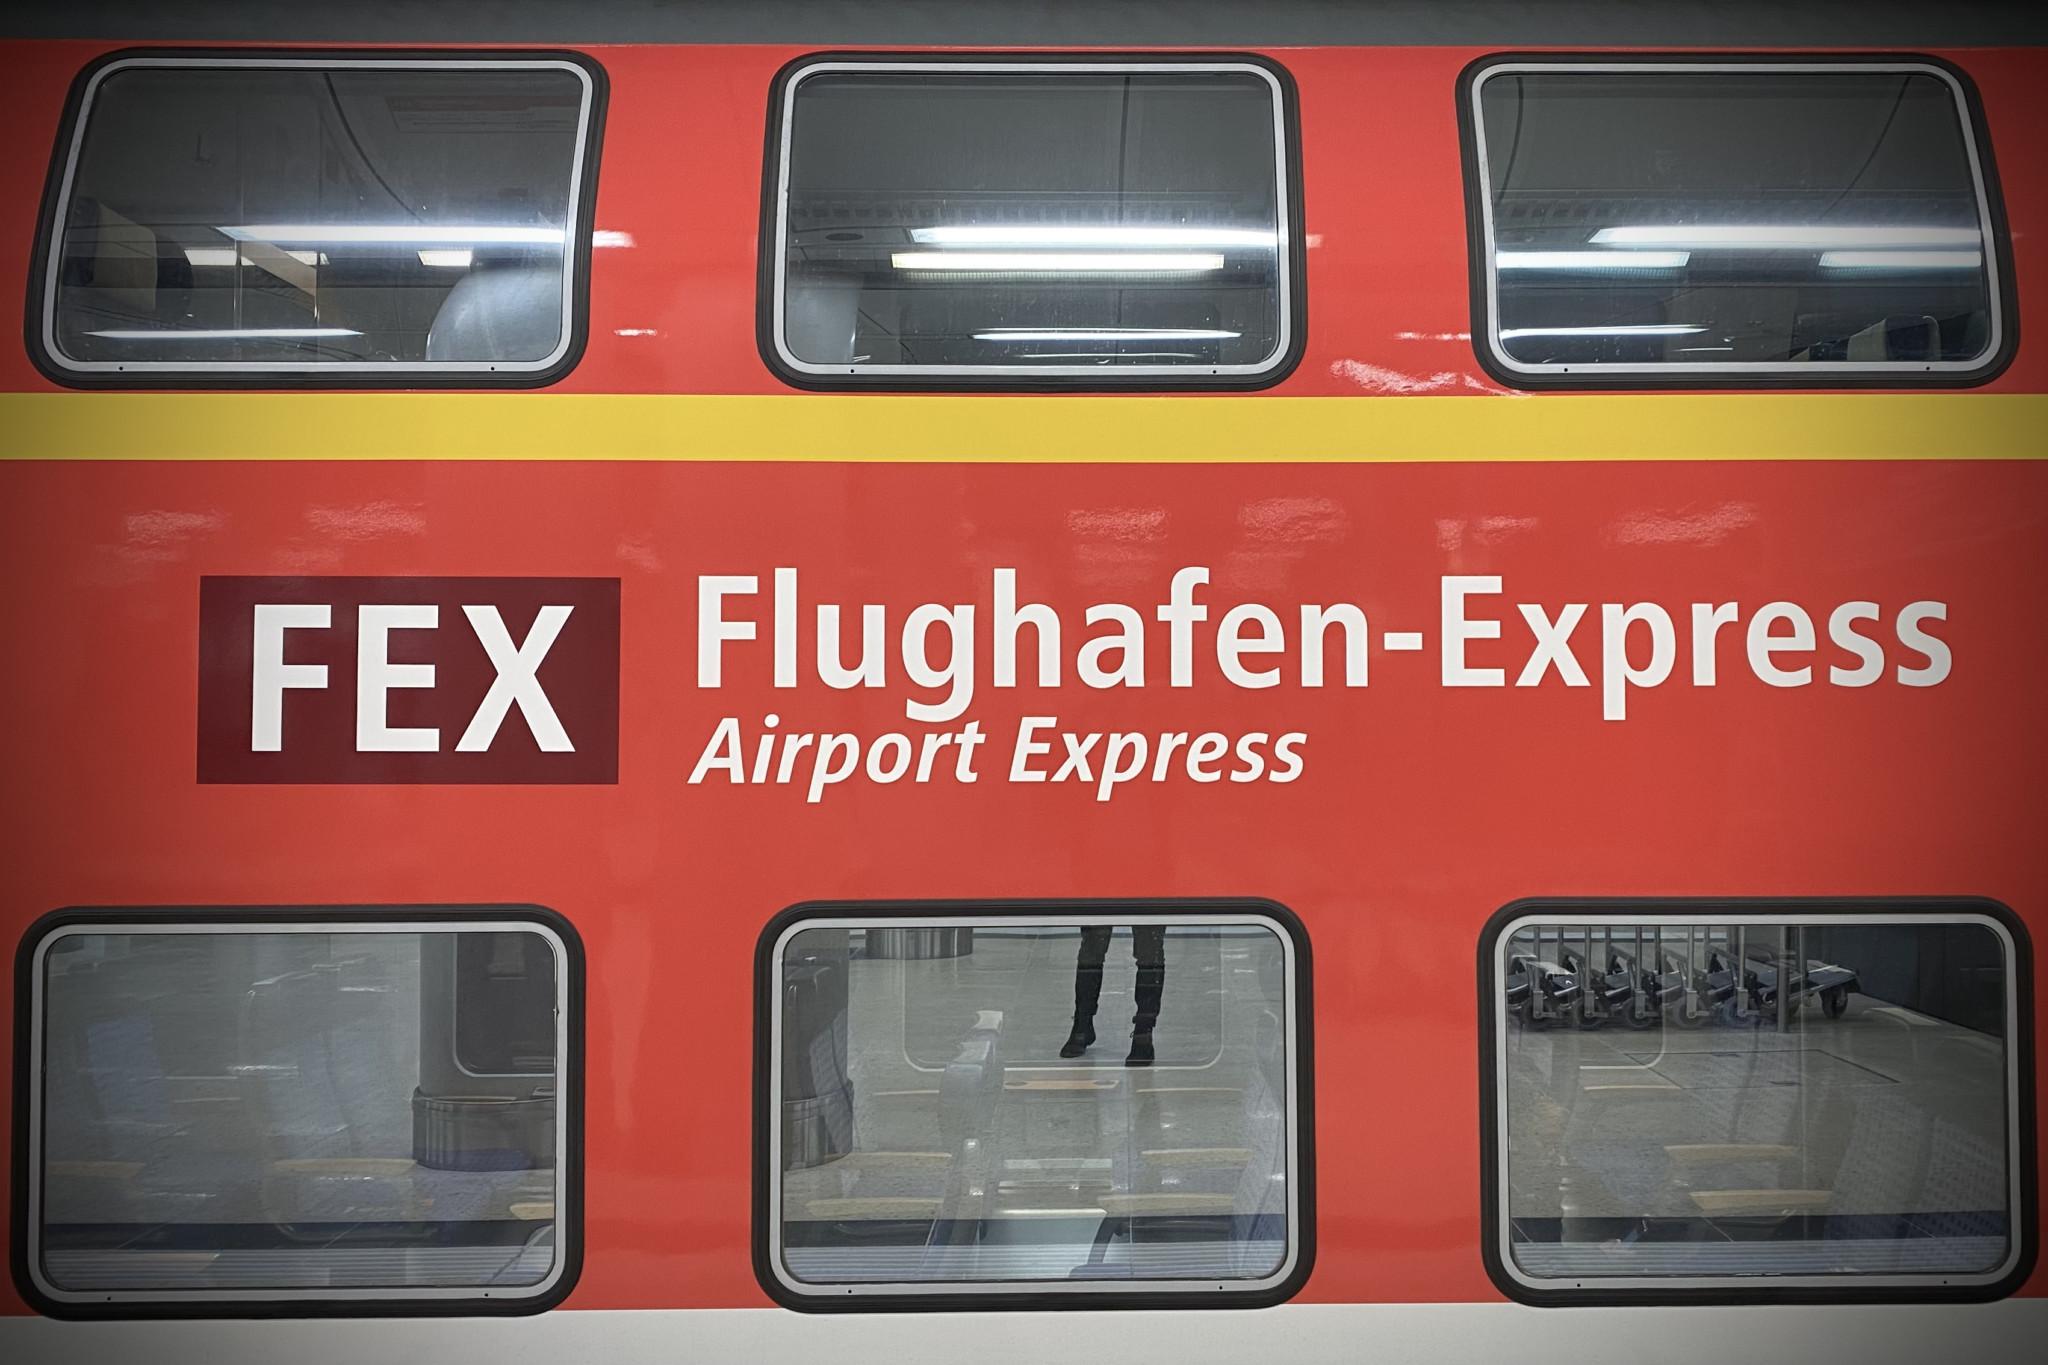 Anreise zum Flughafen Berlin mit dem Flughafen Express FEX